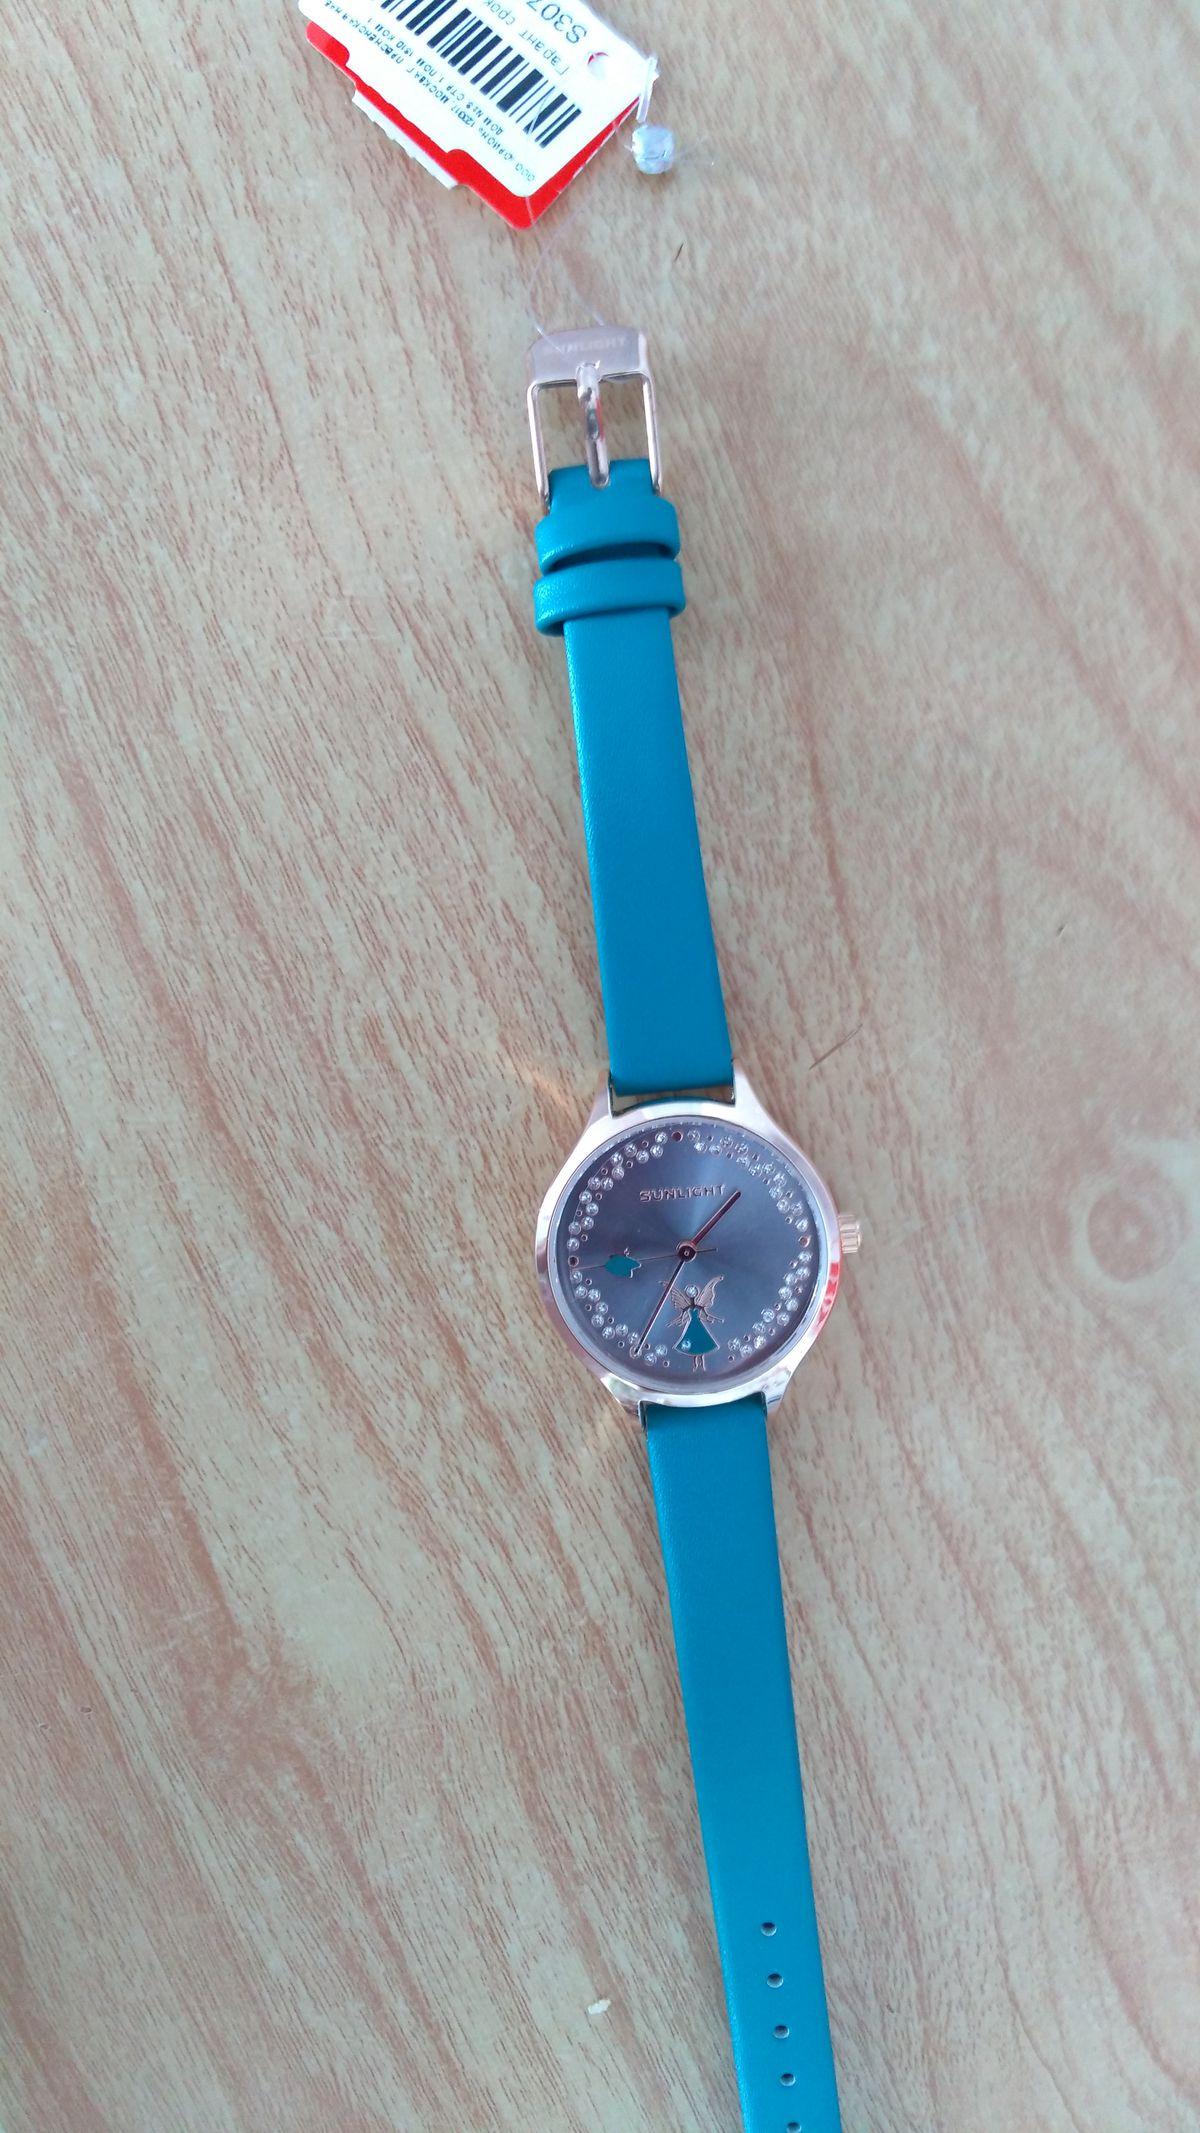 Купила часы по акции 60% скидка.